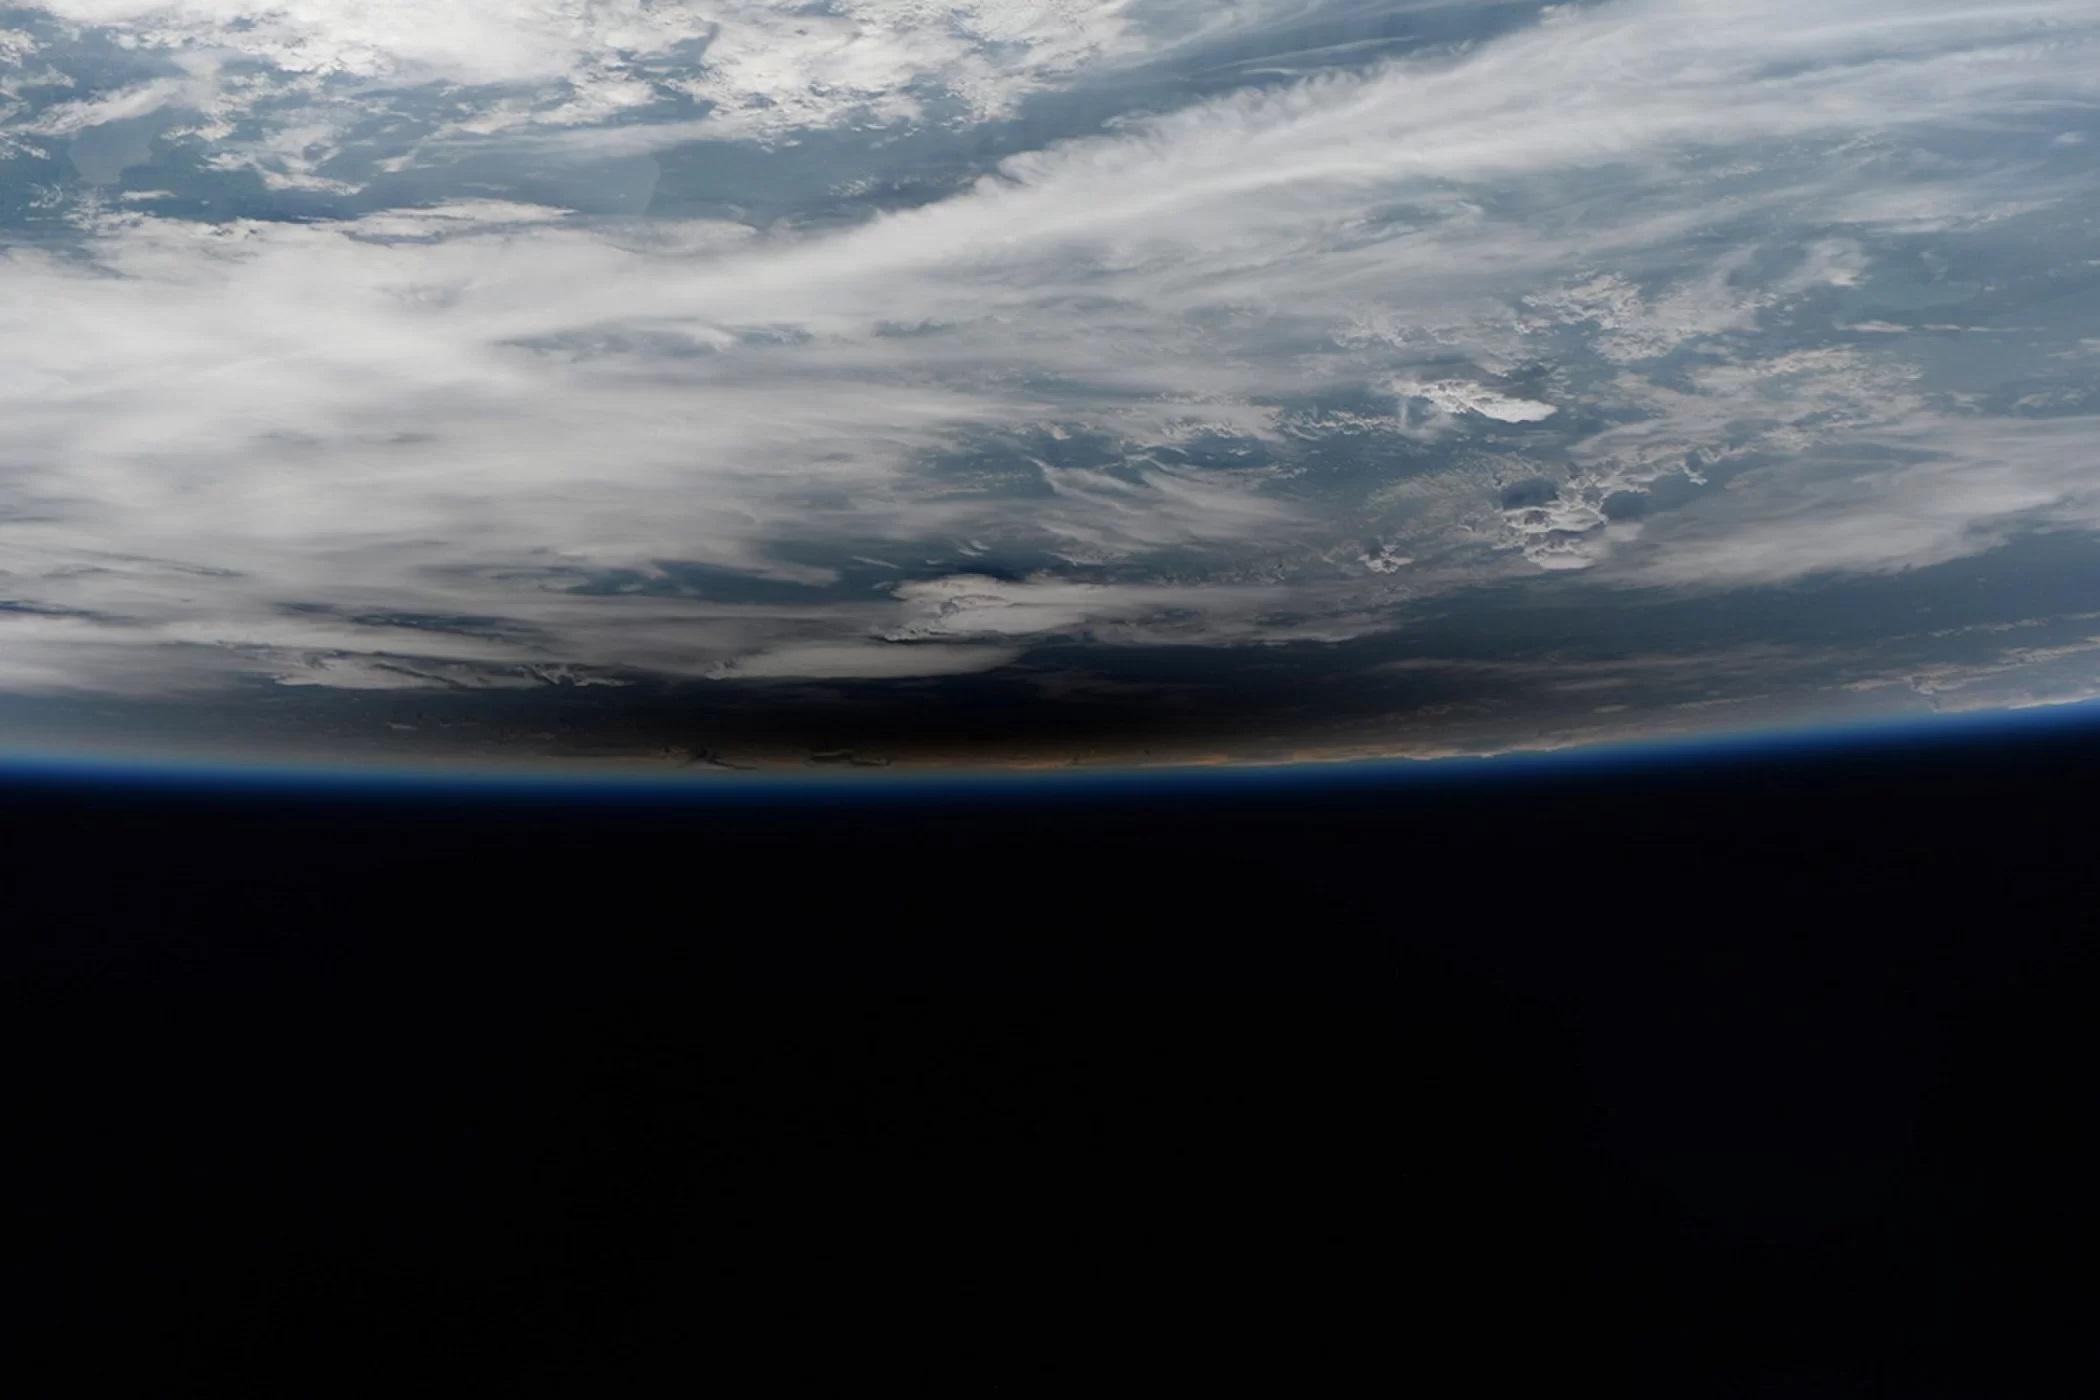 Zdjęcie wykonane przez Paoliego Nespoliego podczas pełnego zaćmienia Słońca.